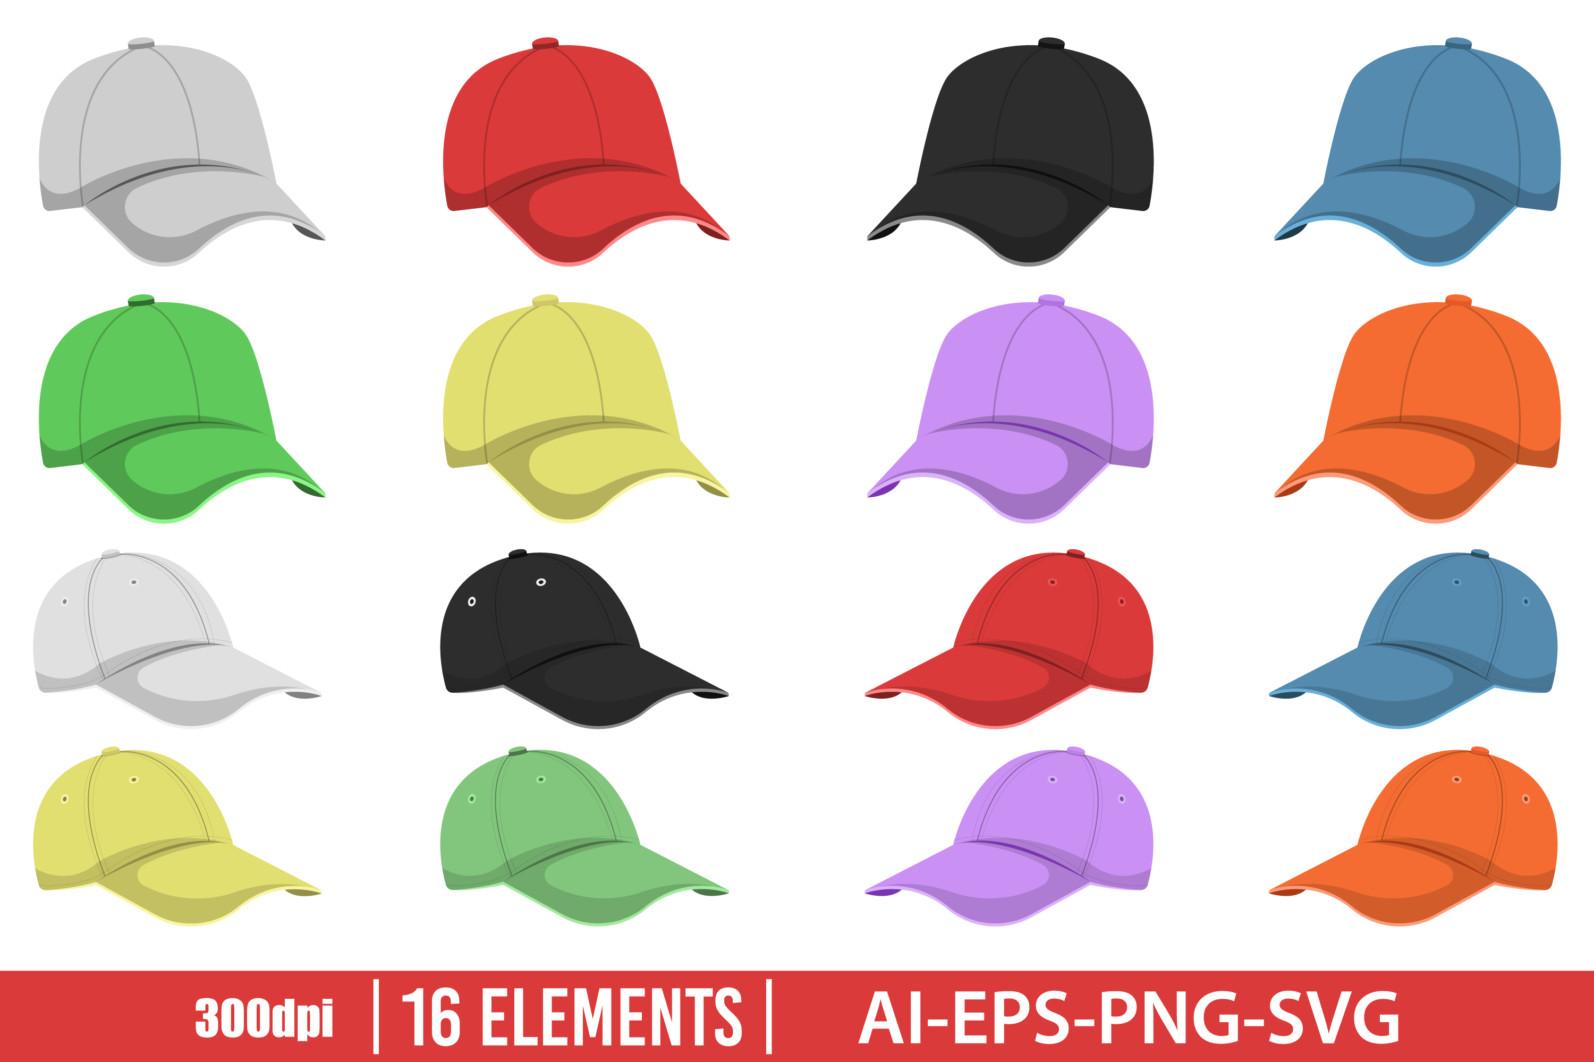 Cap clipart vector design illustration. Cap set. Vector Clipart Print - HEAD CAP scaled -